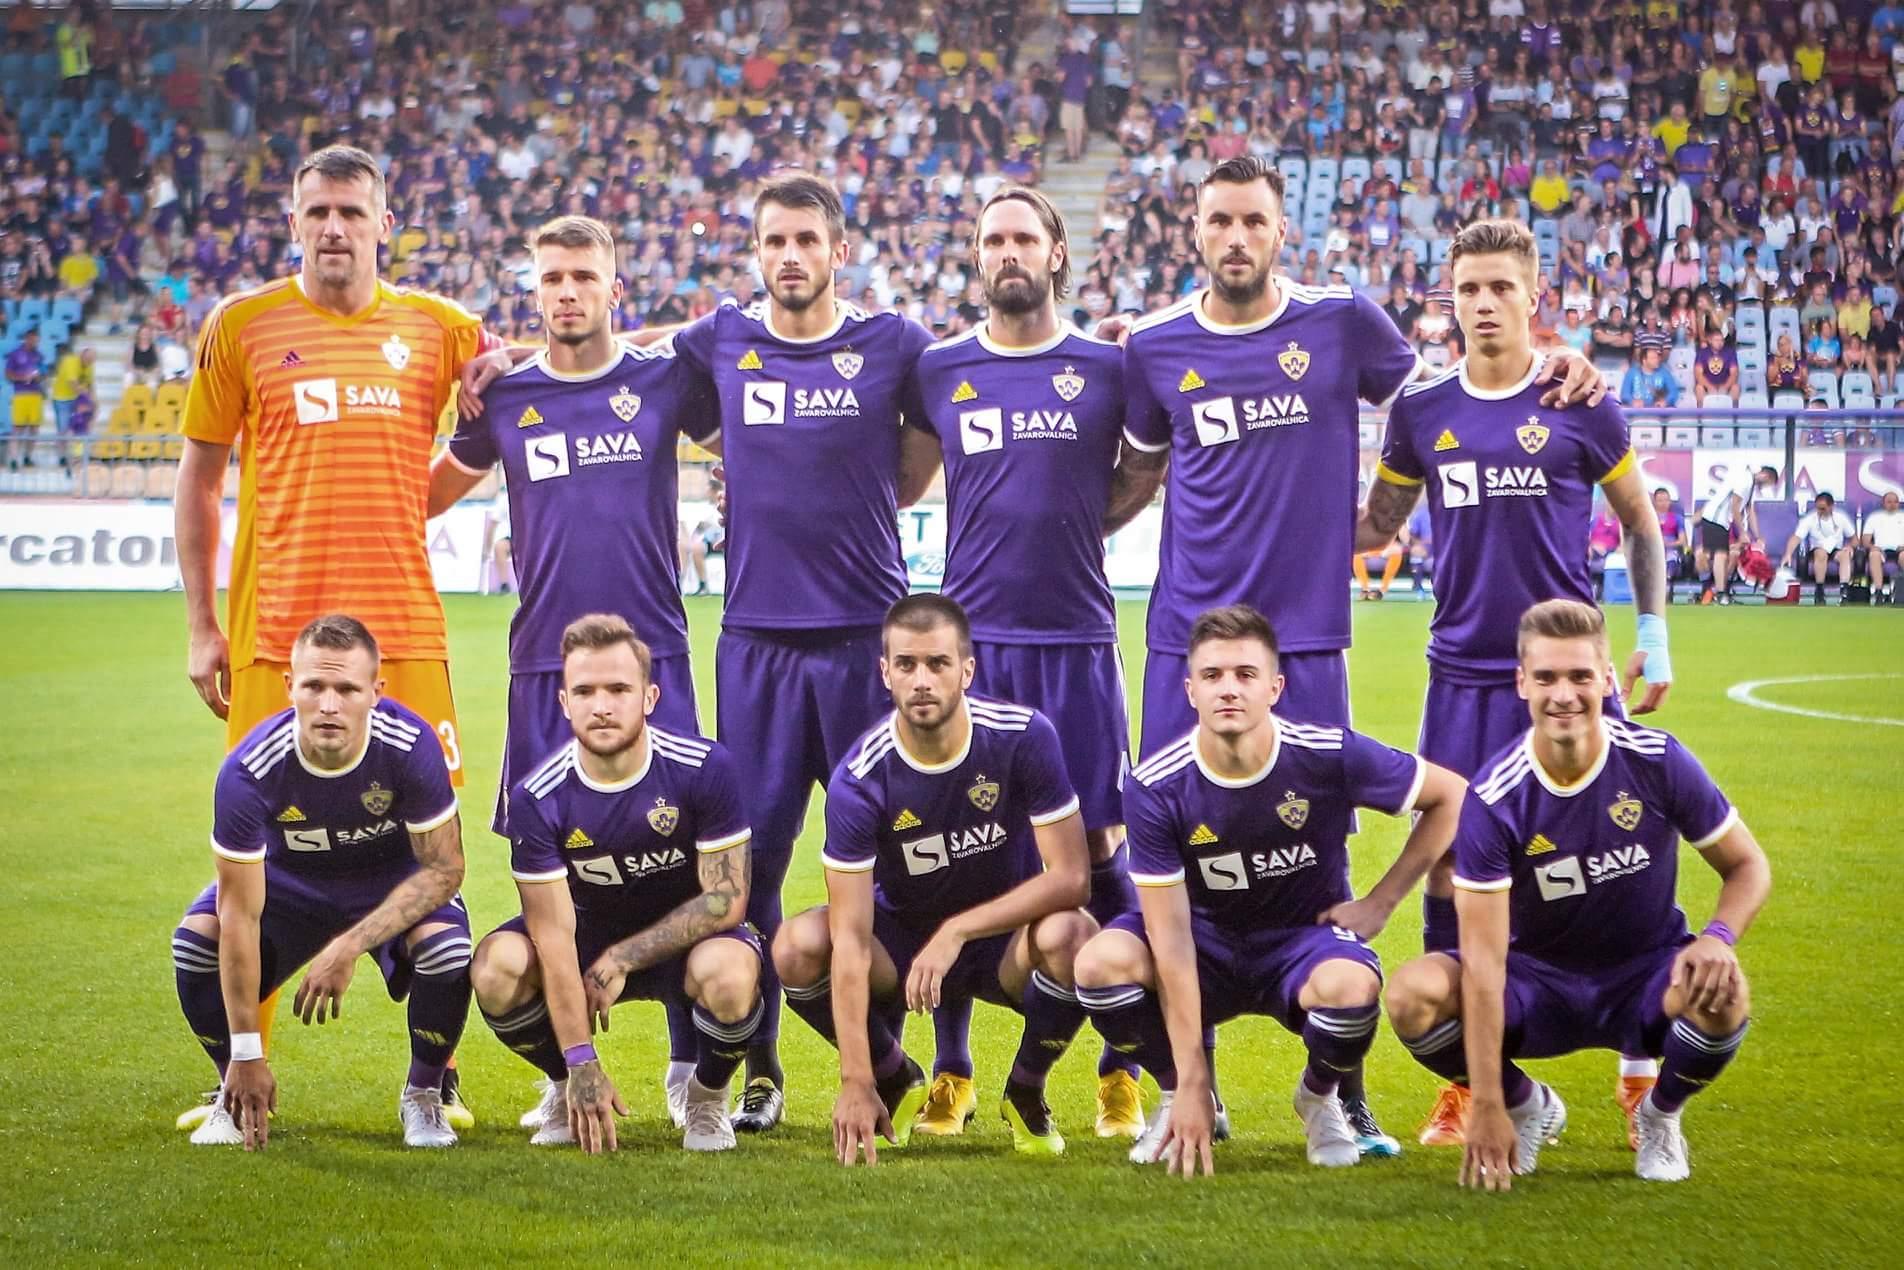 Finančna reorganizacija poslovanja v NK Maribor